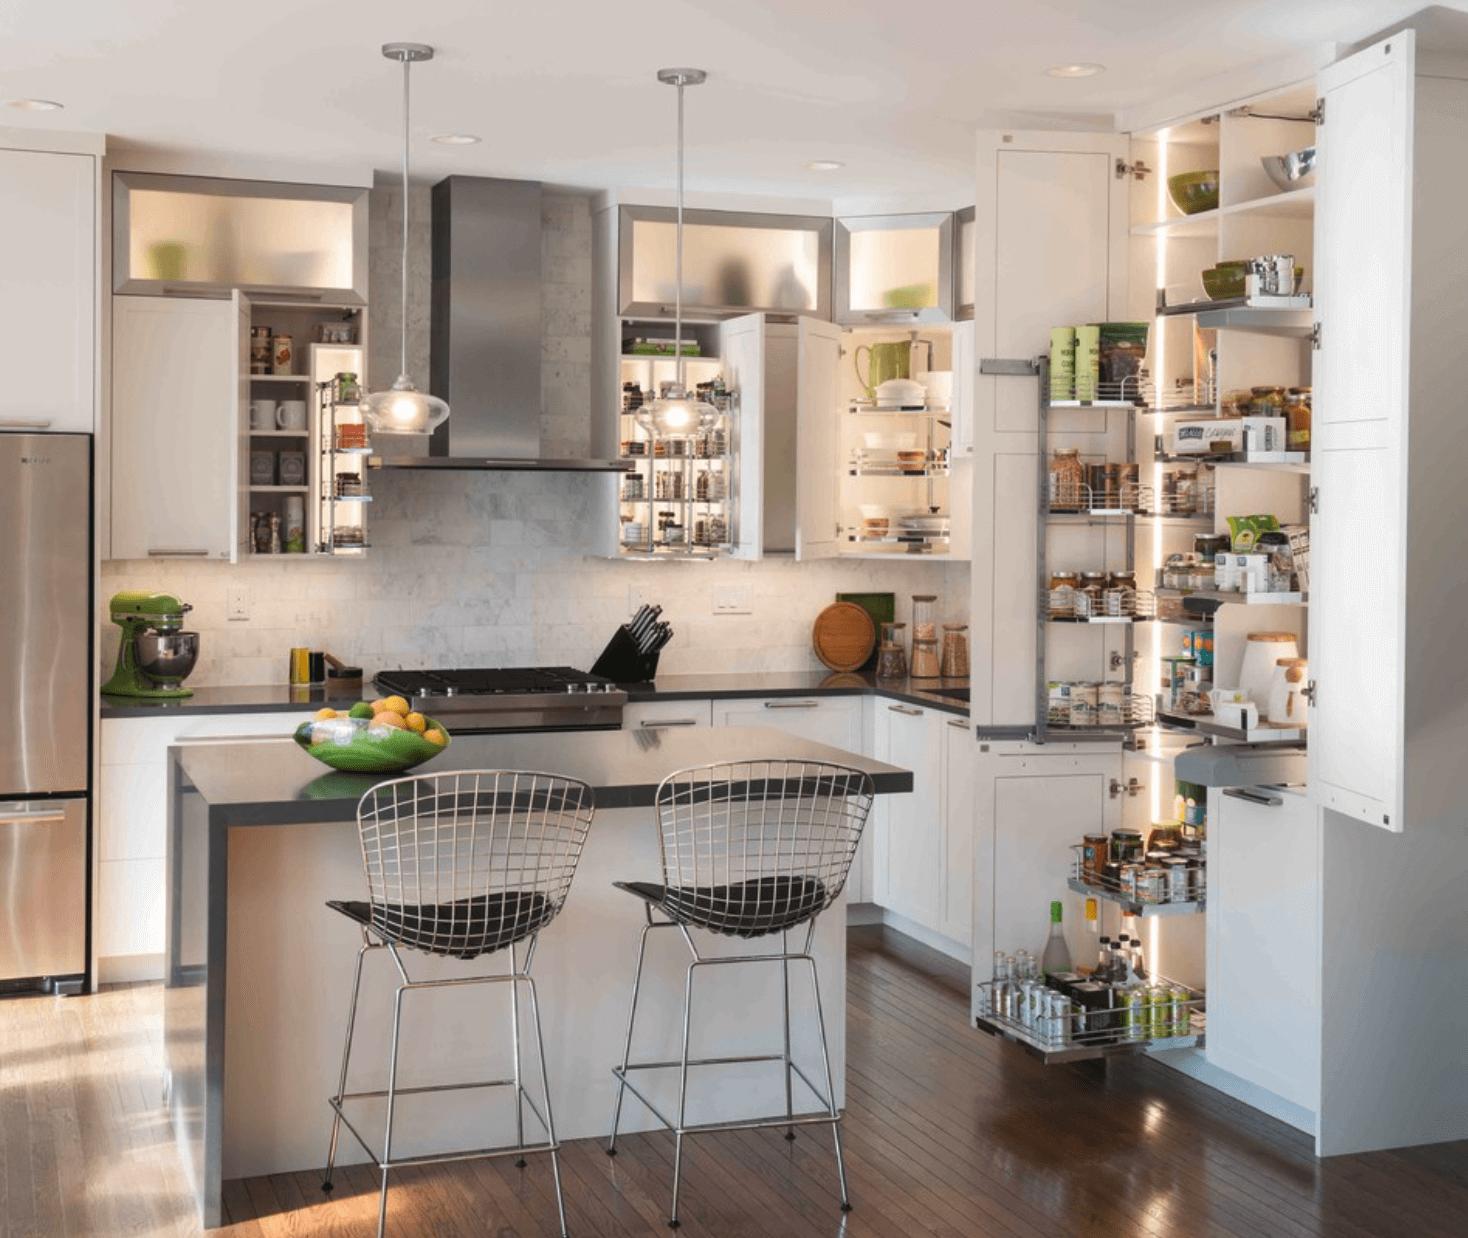 #4C6131 Cozinha Cozinha Americana Cozinha Pequena 1468x1238 píxeis em Decoração De Sala De Estar Pequena Com Cozinha Americana